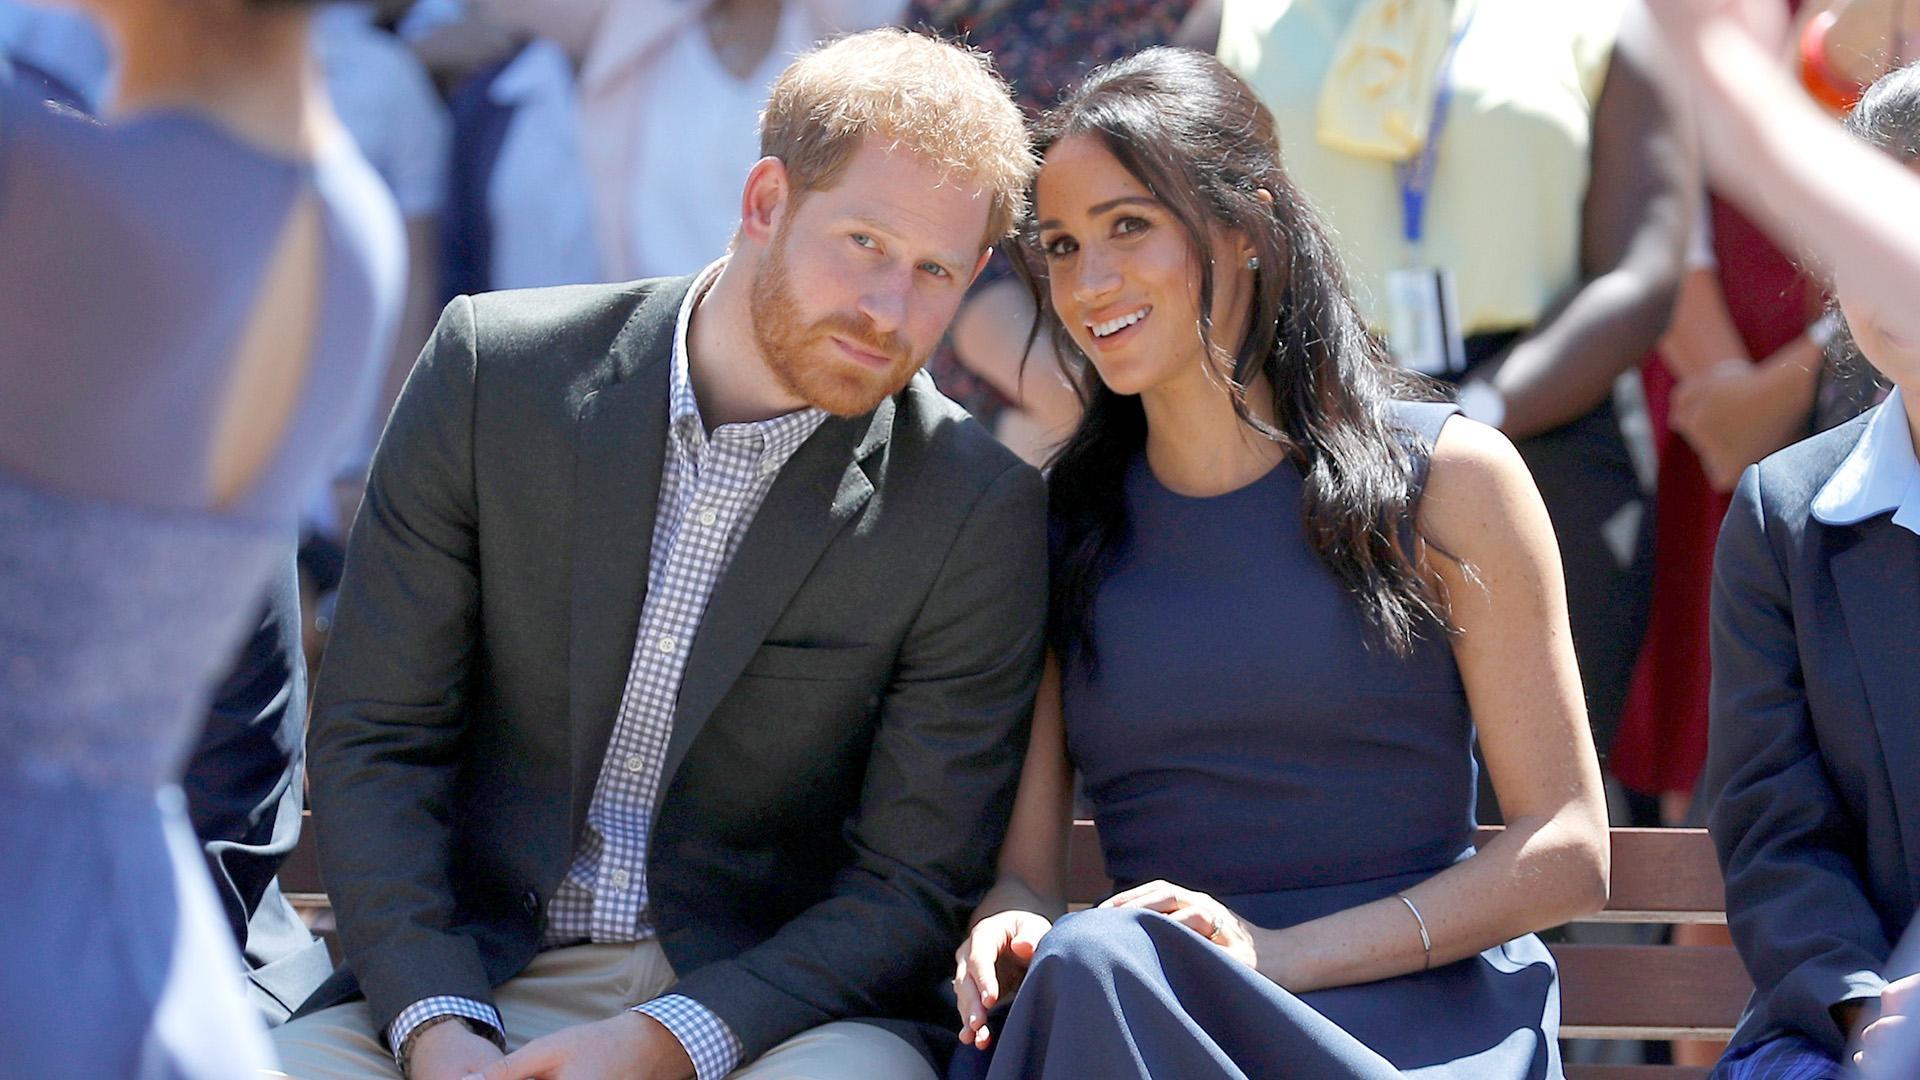 Британцы назвали монарха, которого хотели бы видеть на престоле после Елизаветы II - фото №2